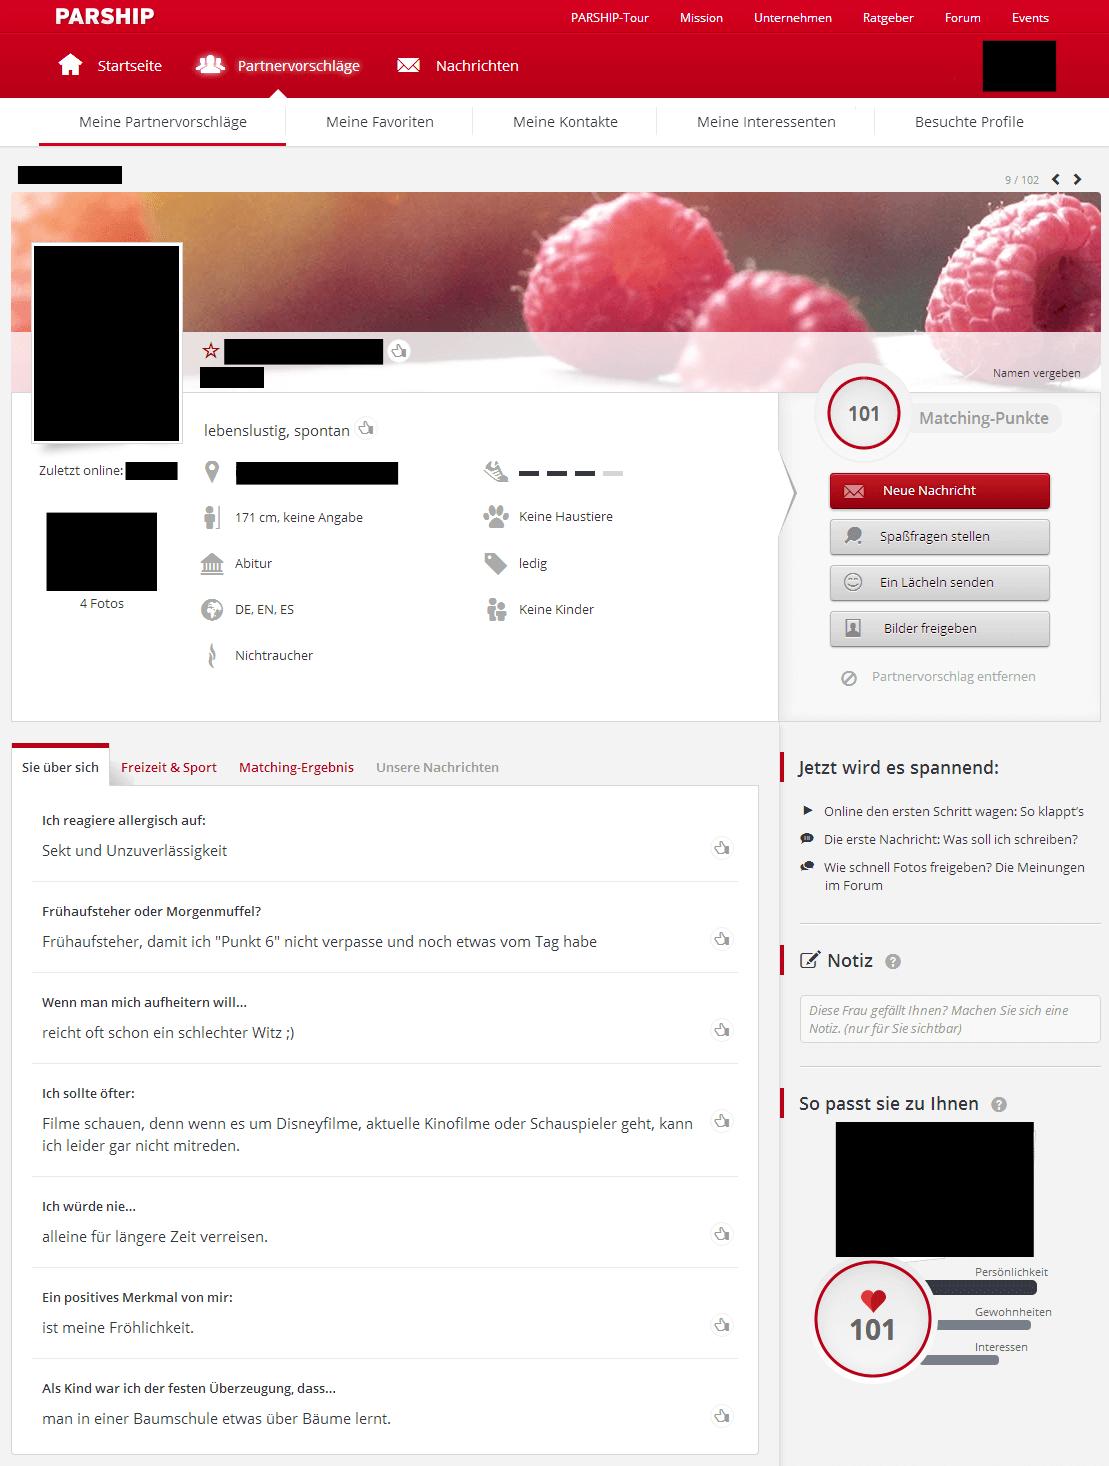 Partnersuche profil schreiben